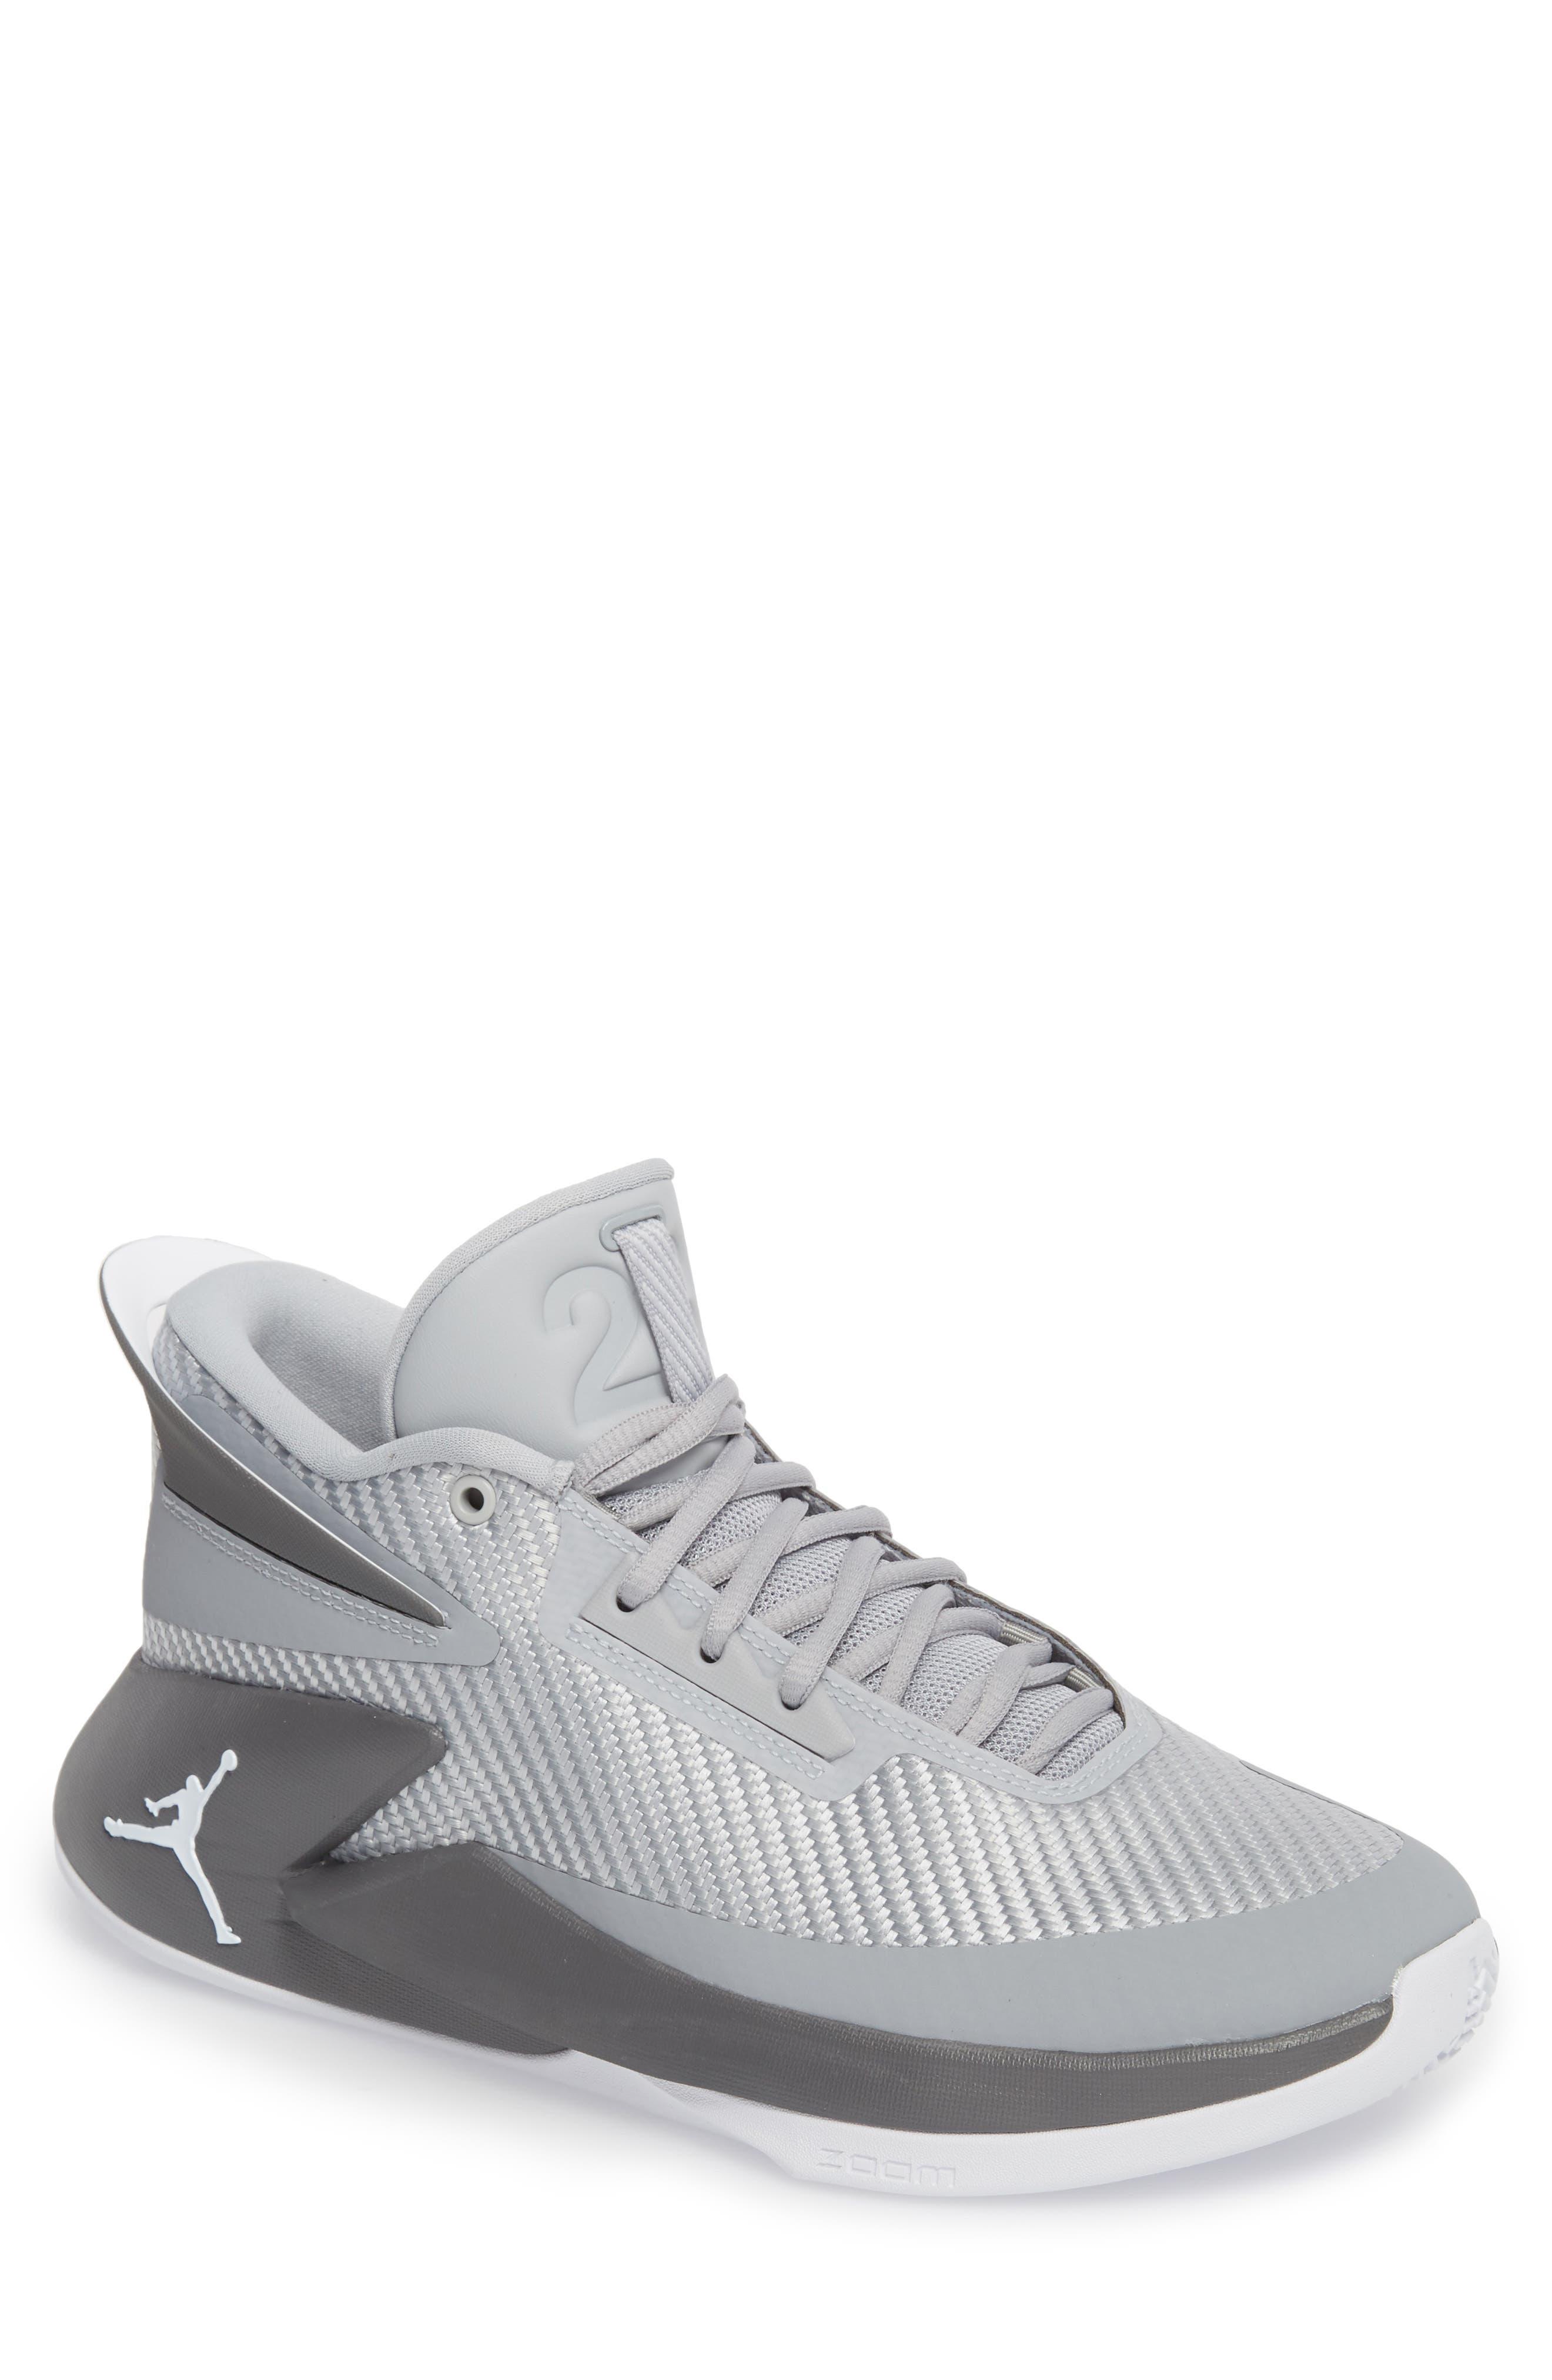 Jordan Fly Lockdown Sneaker,                             Main thumbnail 2, color,